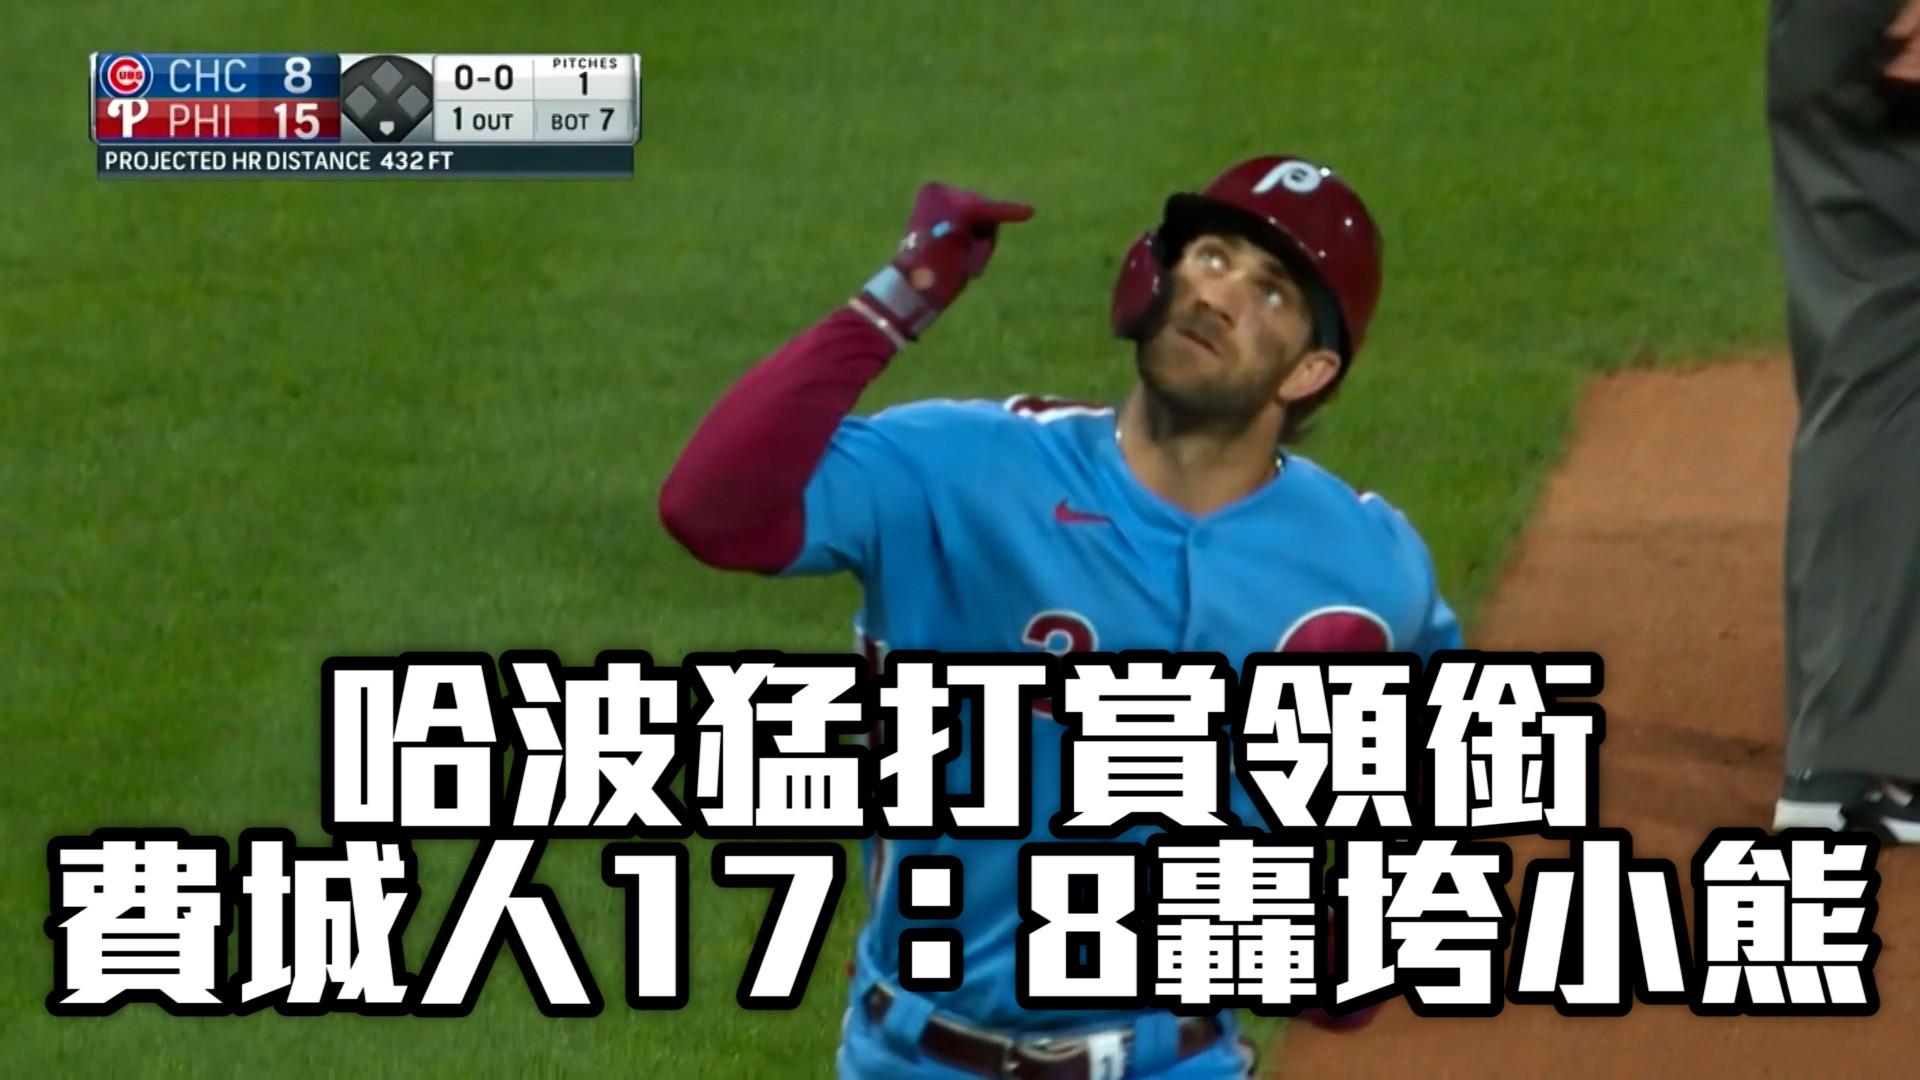 【MLB看愛爾達】哈波猛打賞領銜 費城人17:8轟垮小熊 9/17